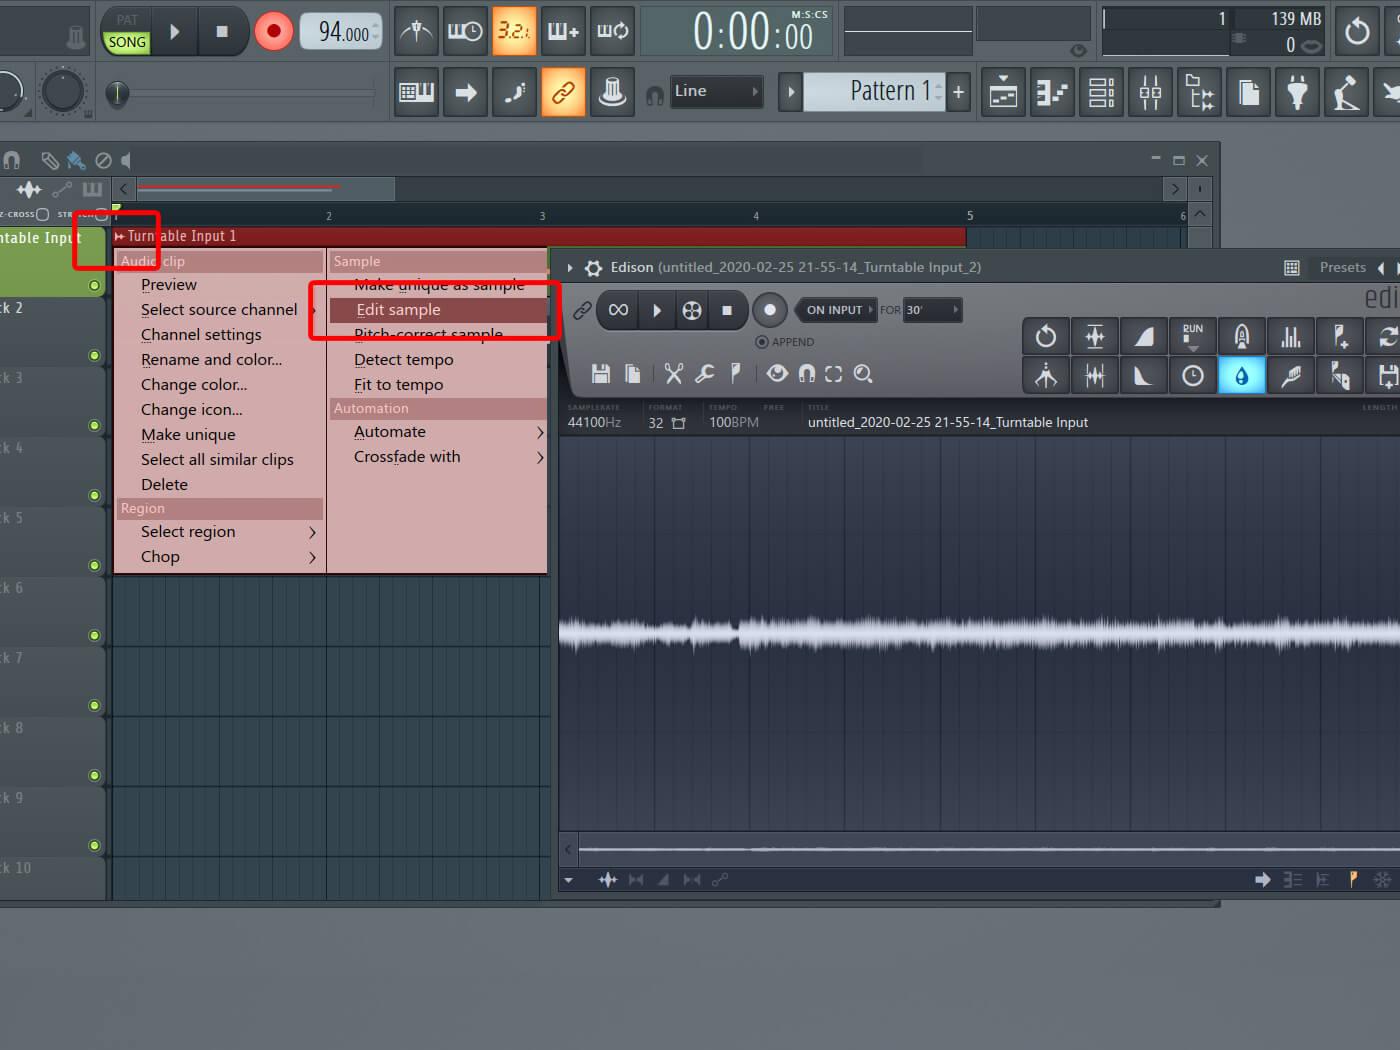 MT 205 FL Studio TUT Pt 5